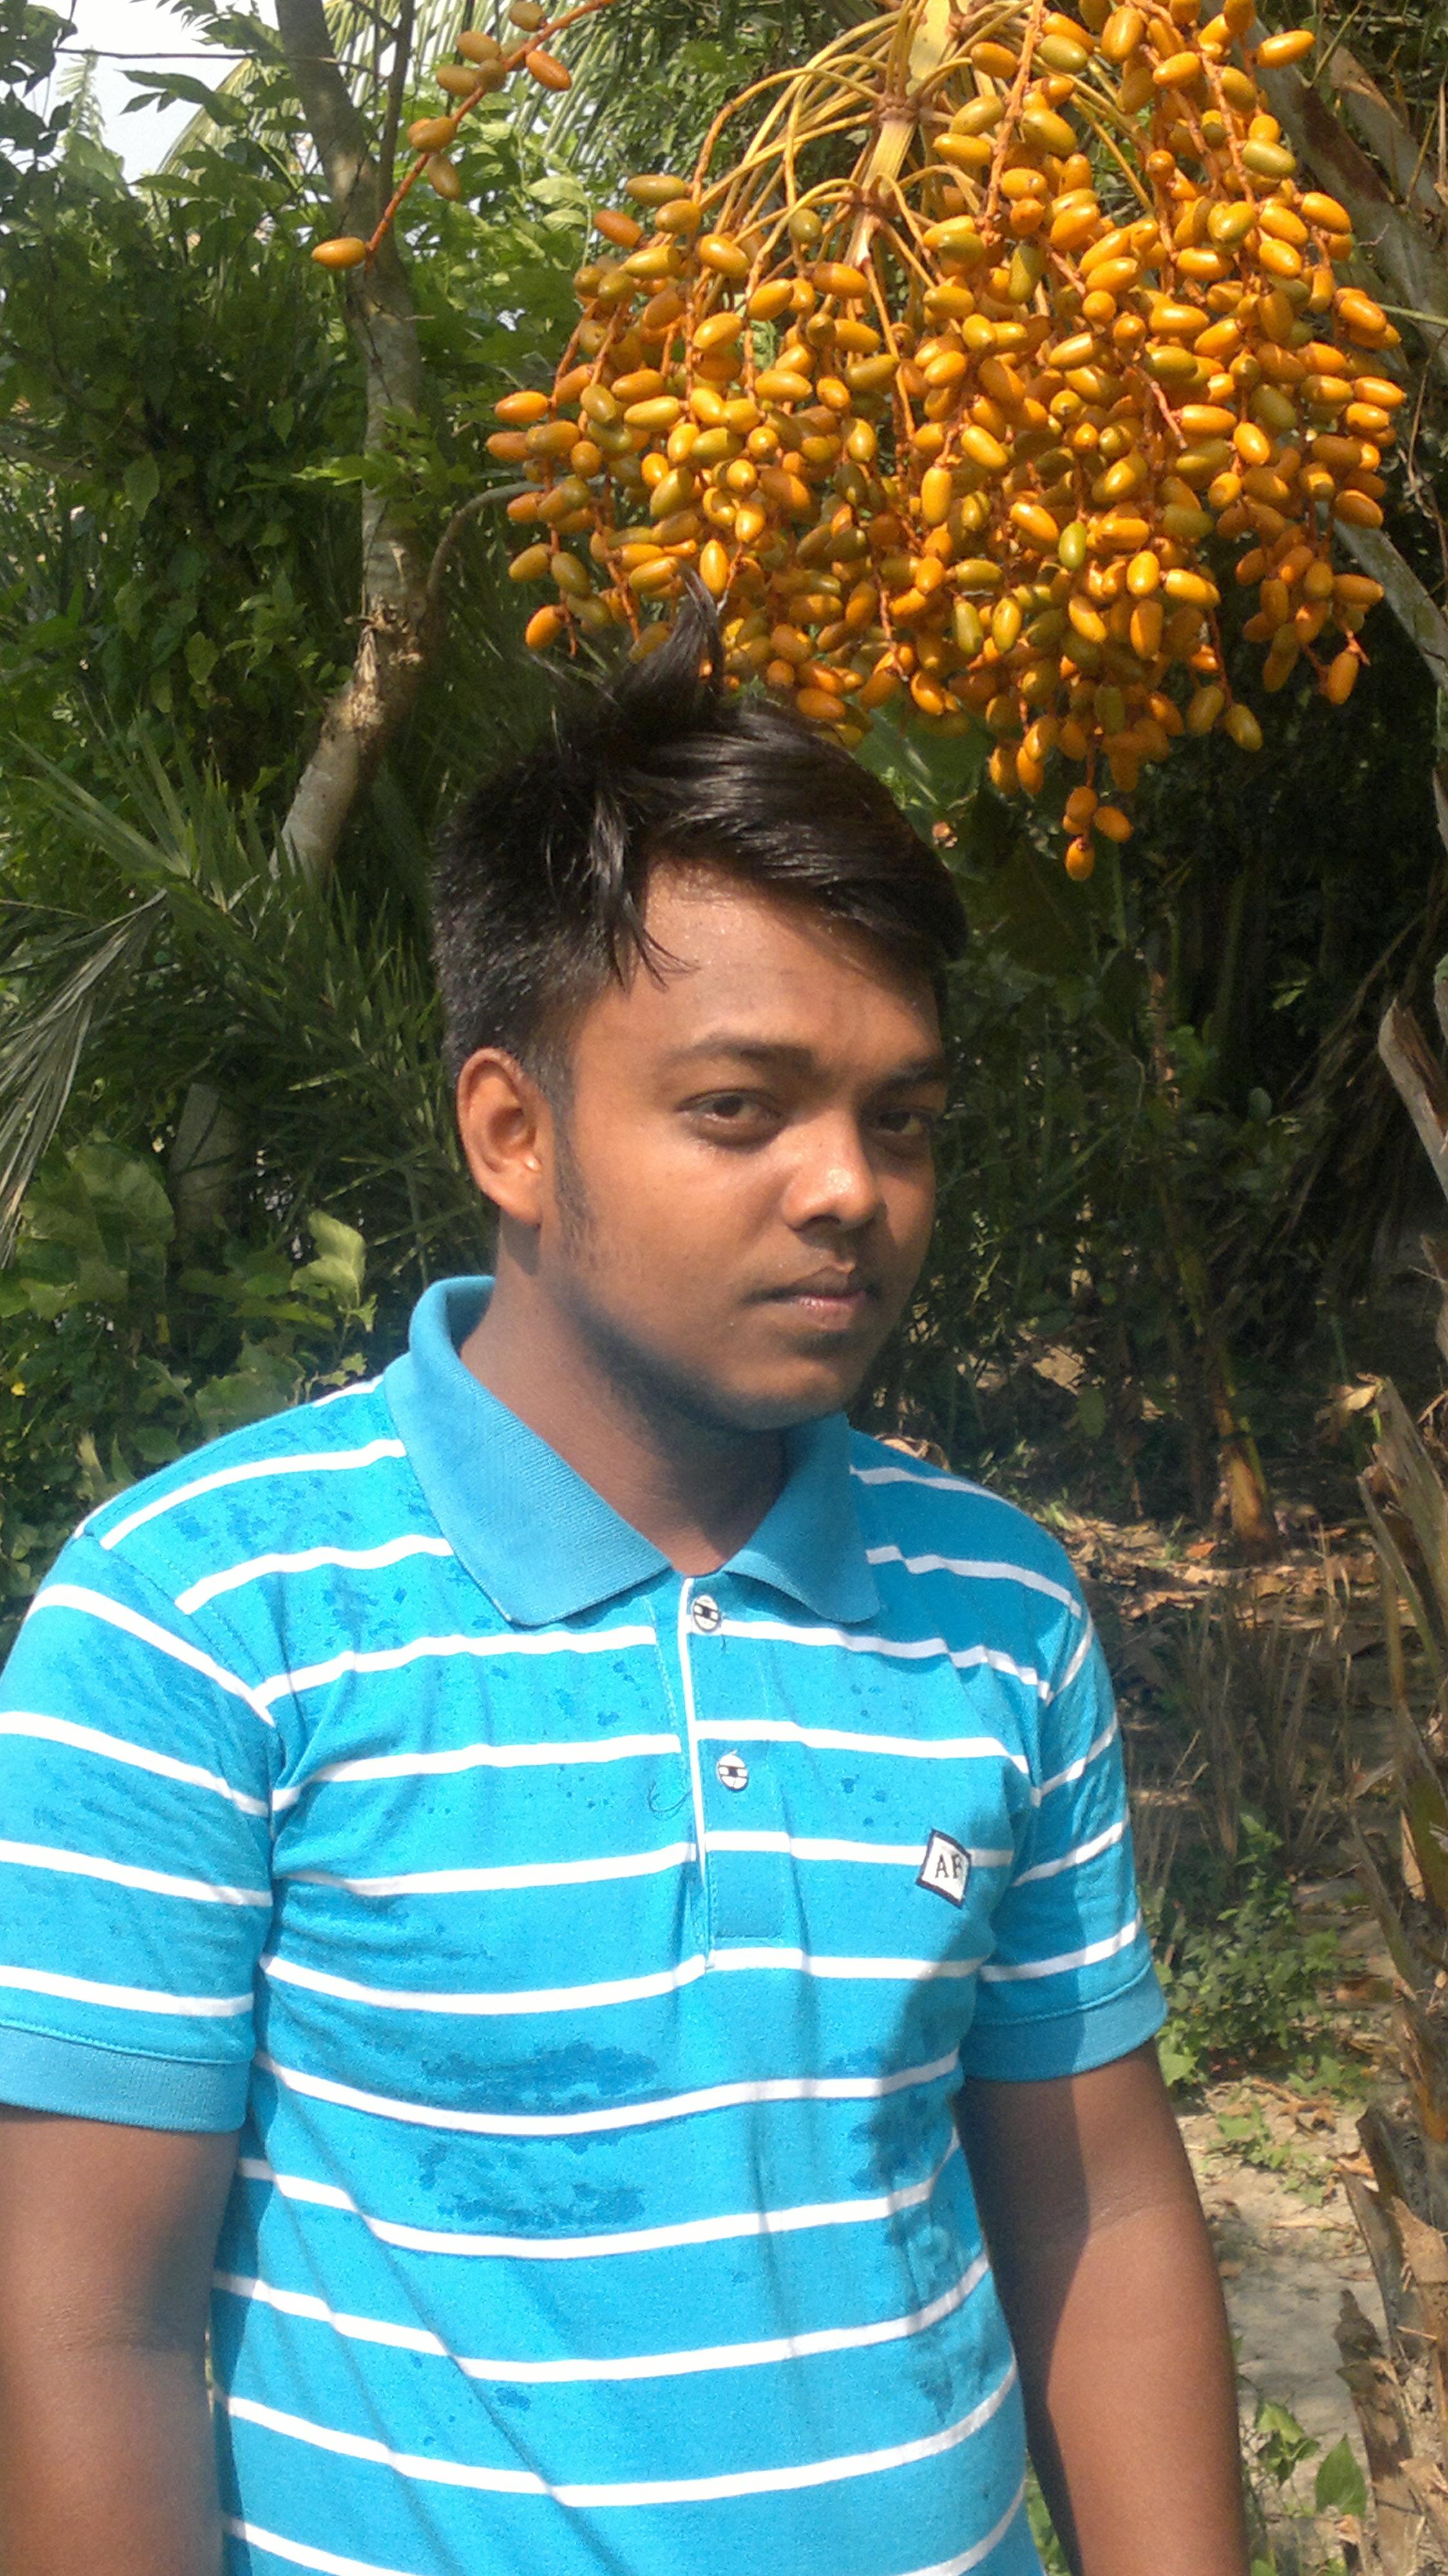 Tawsif Mahbub